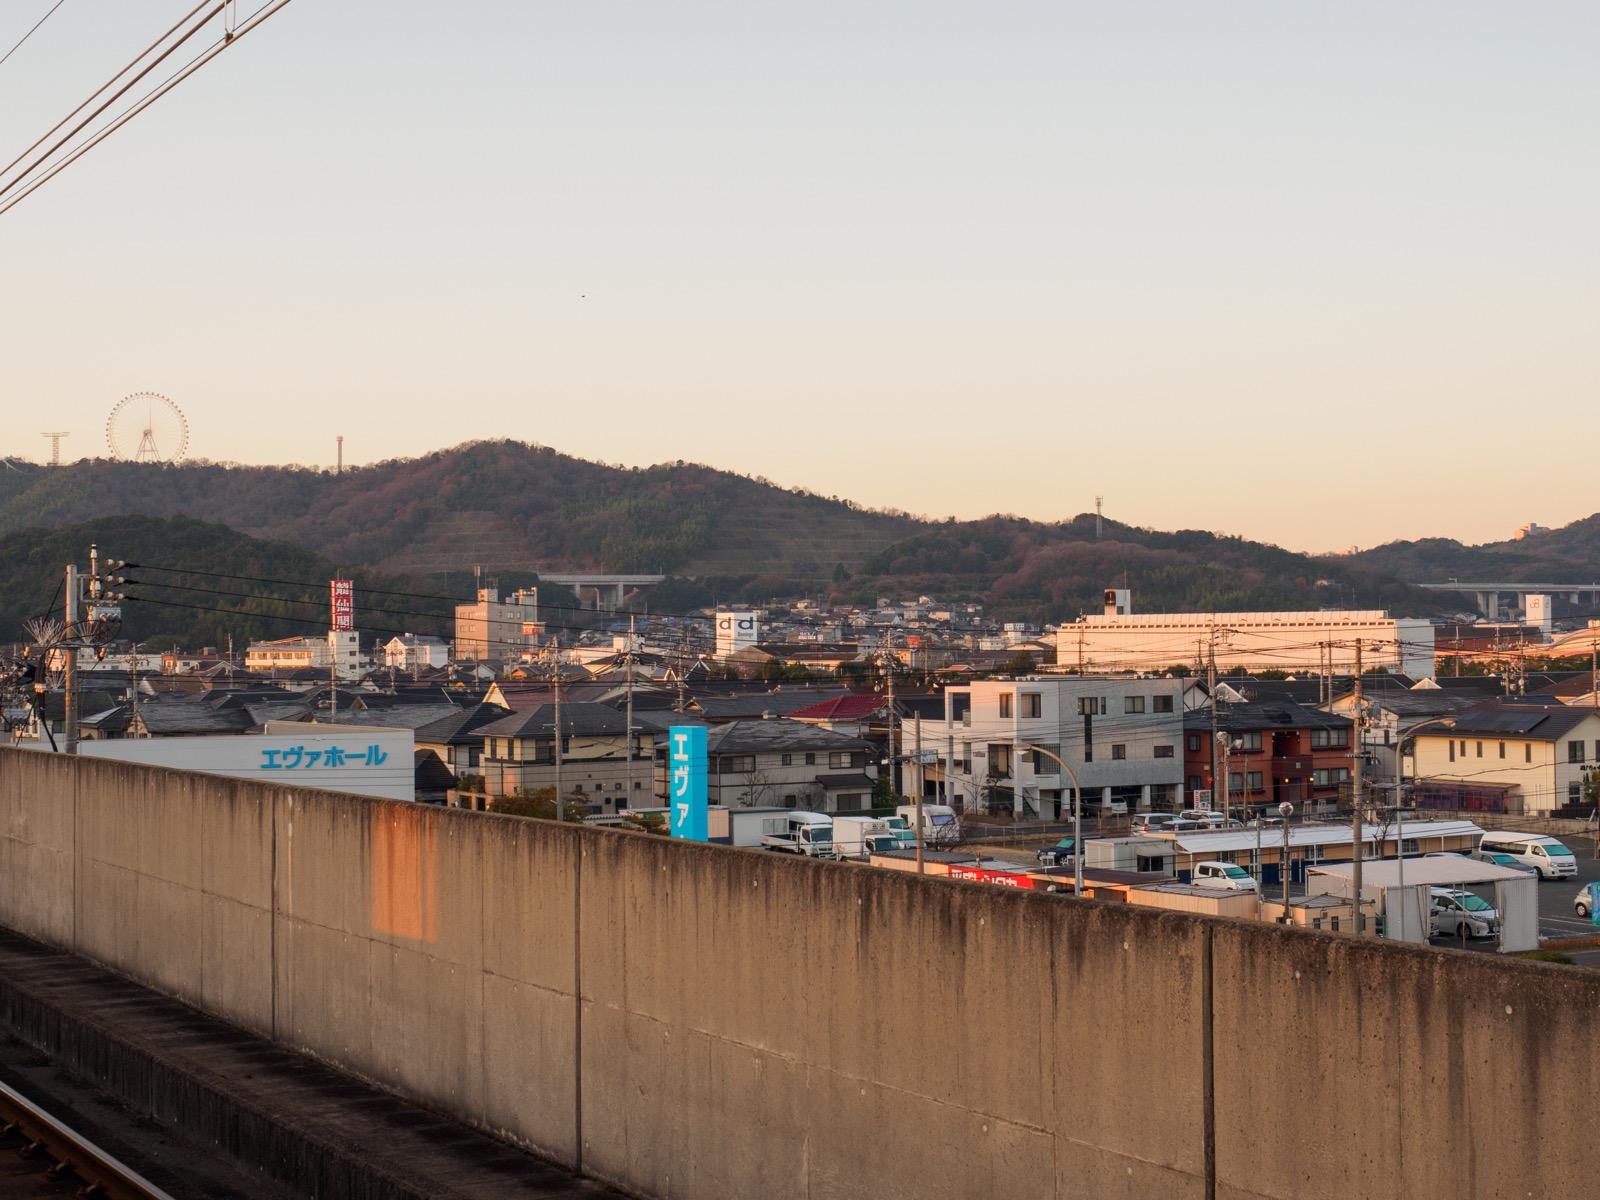 児島駅のホームから見た市街地